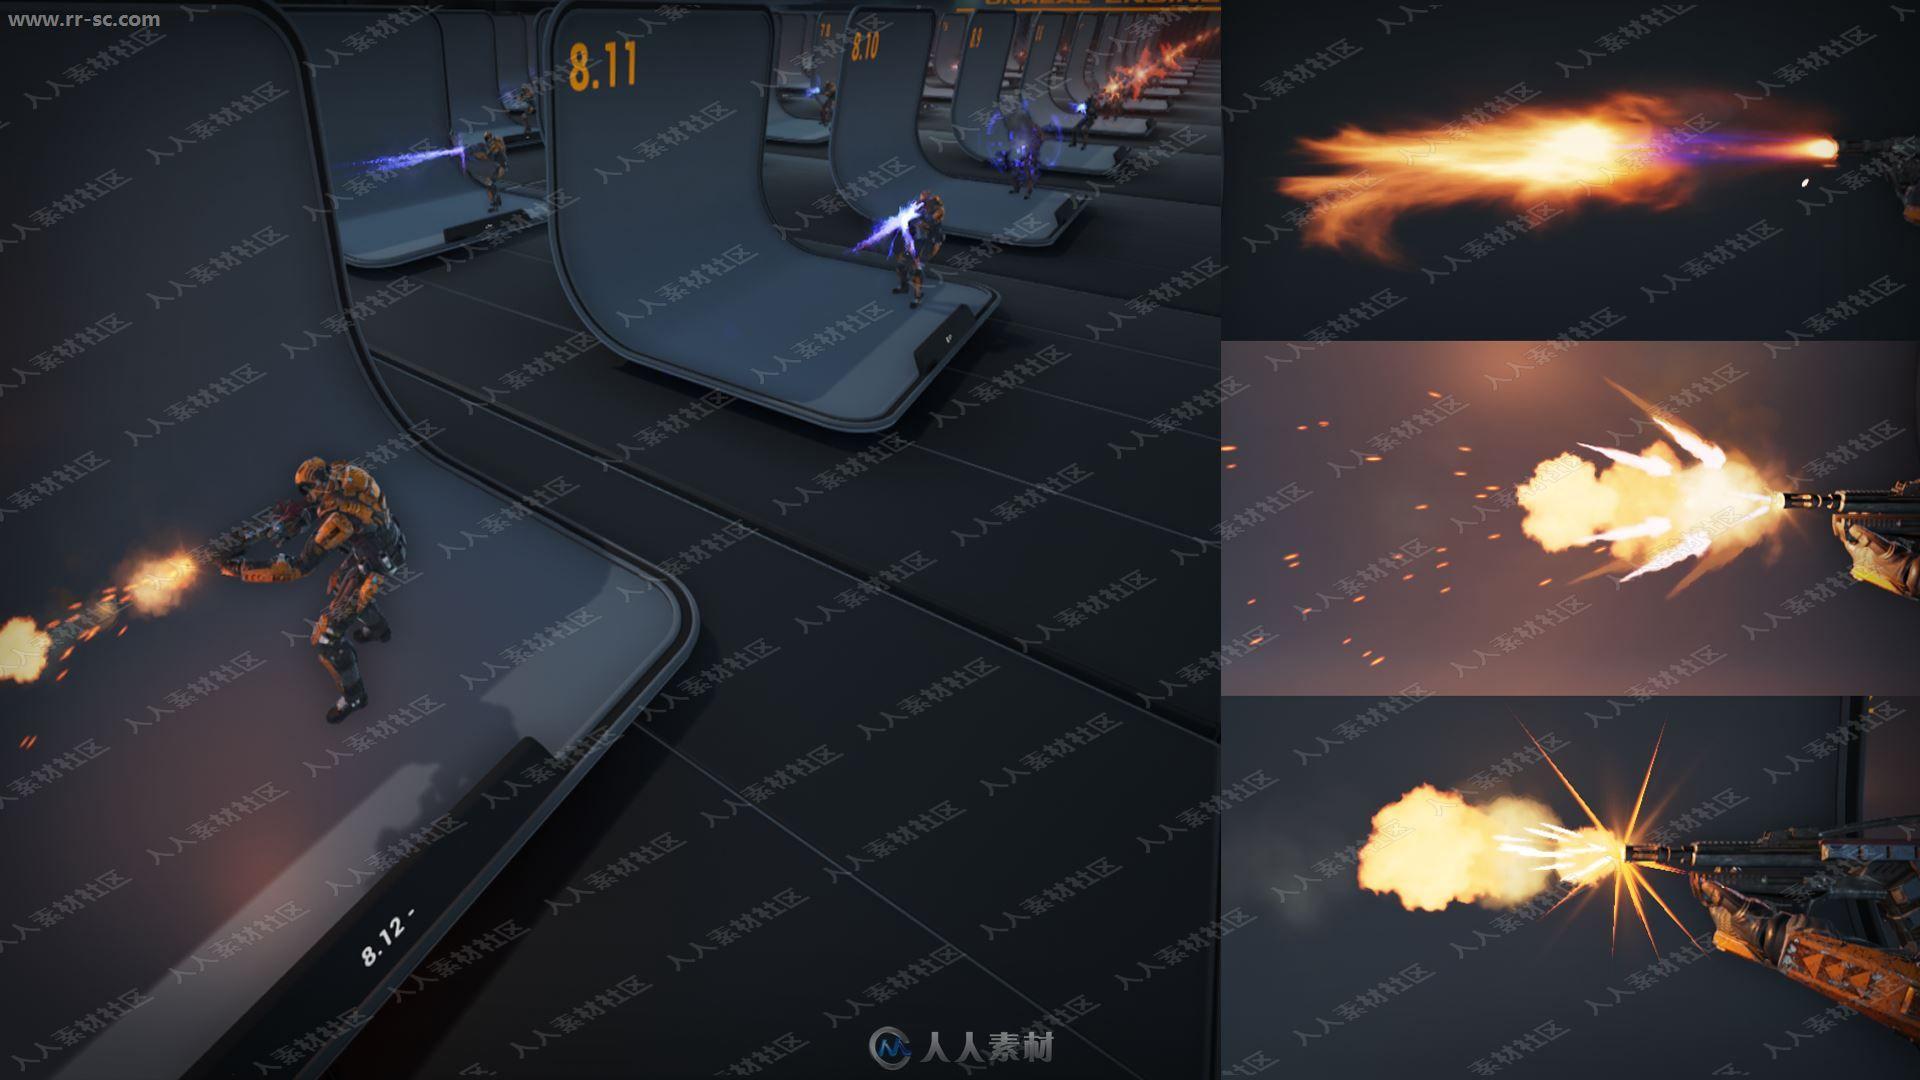 多组连续单发射击枪口Flash动画UE4游戏素材资源